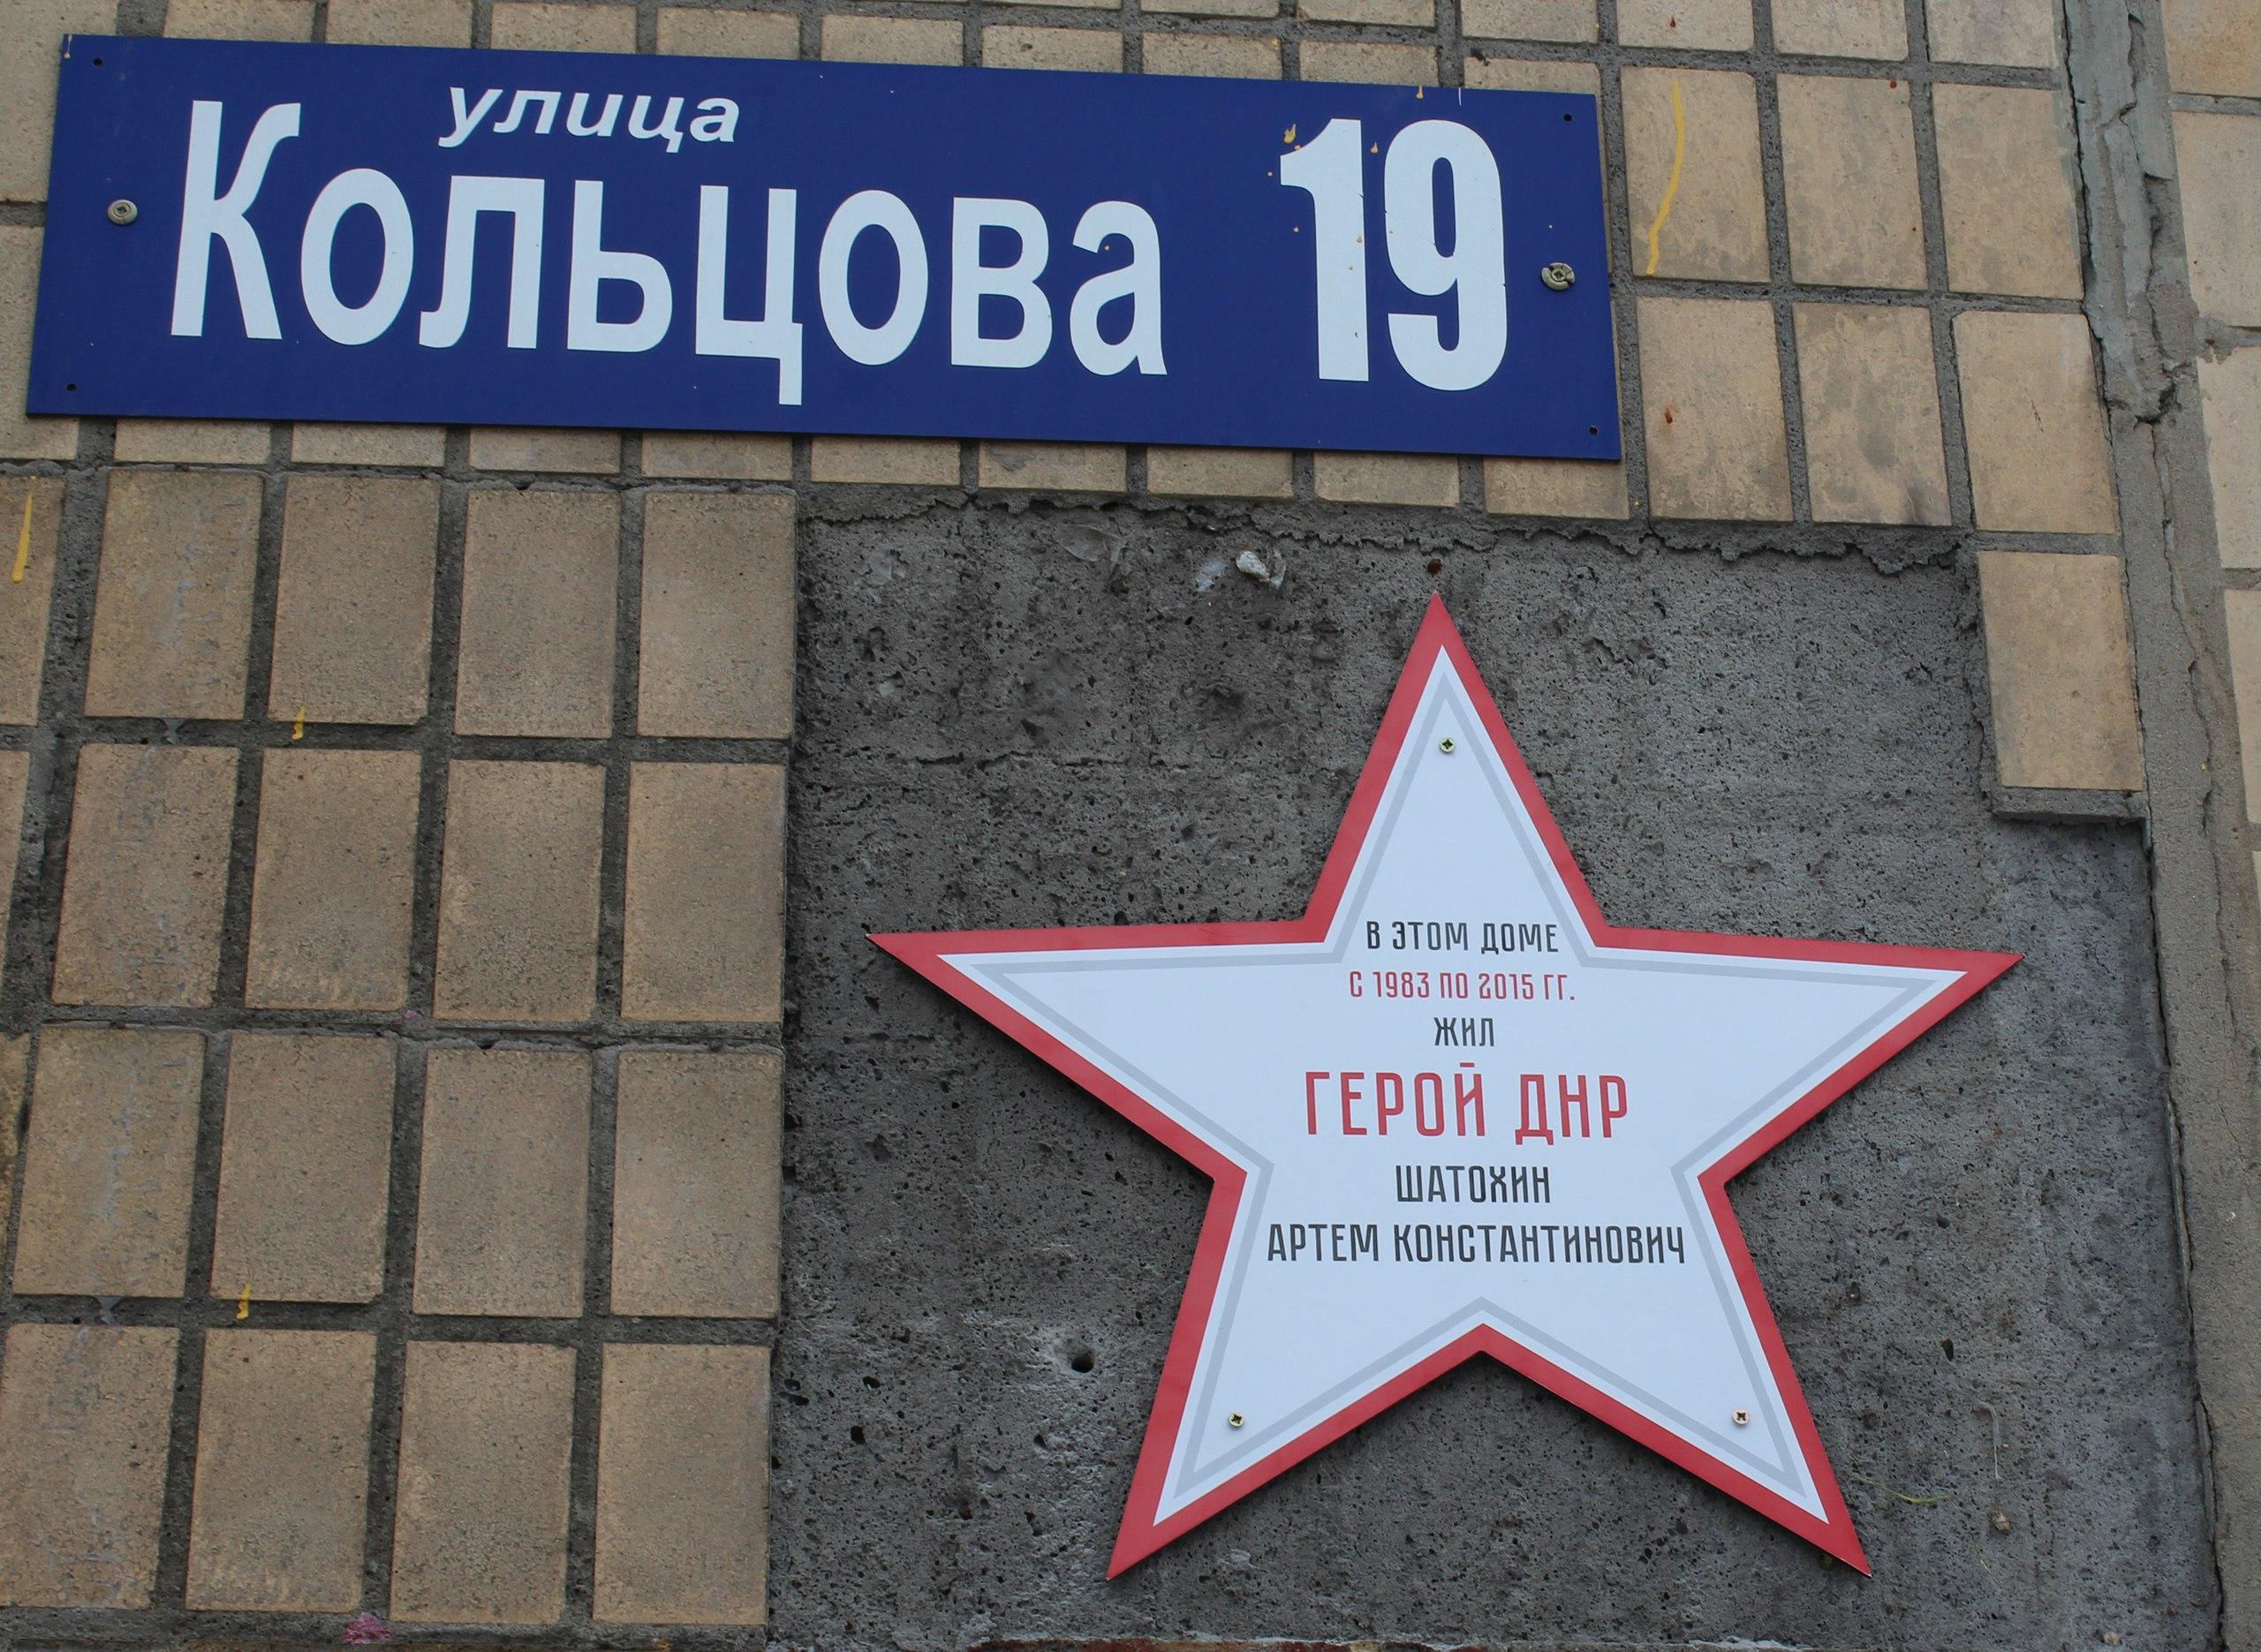 В этом доме жил герой ДНР